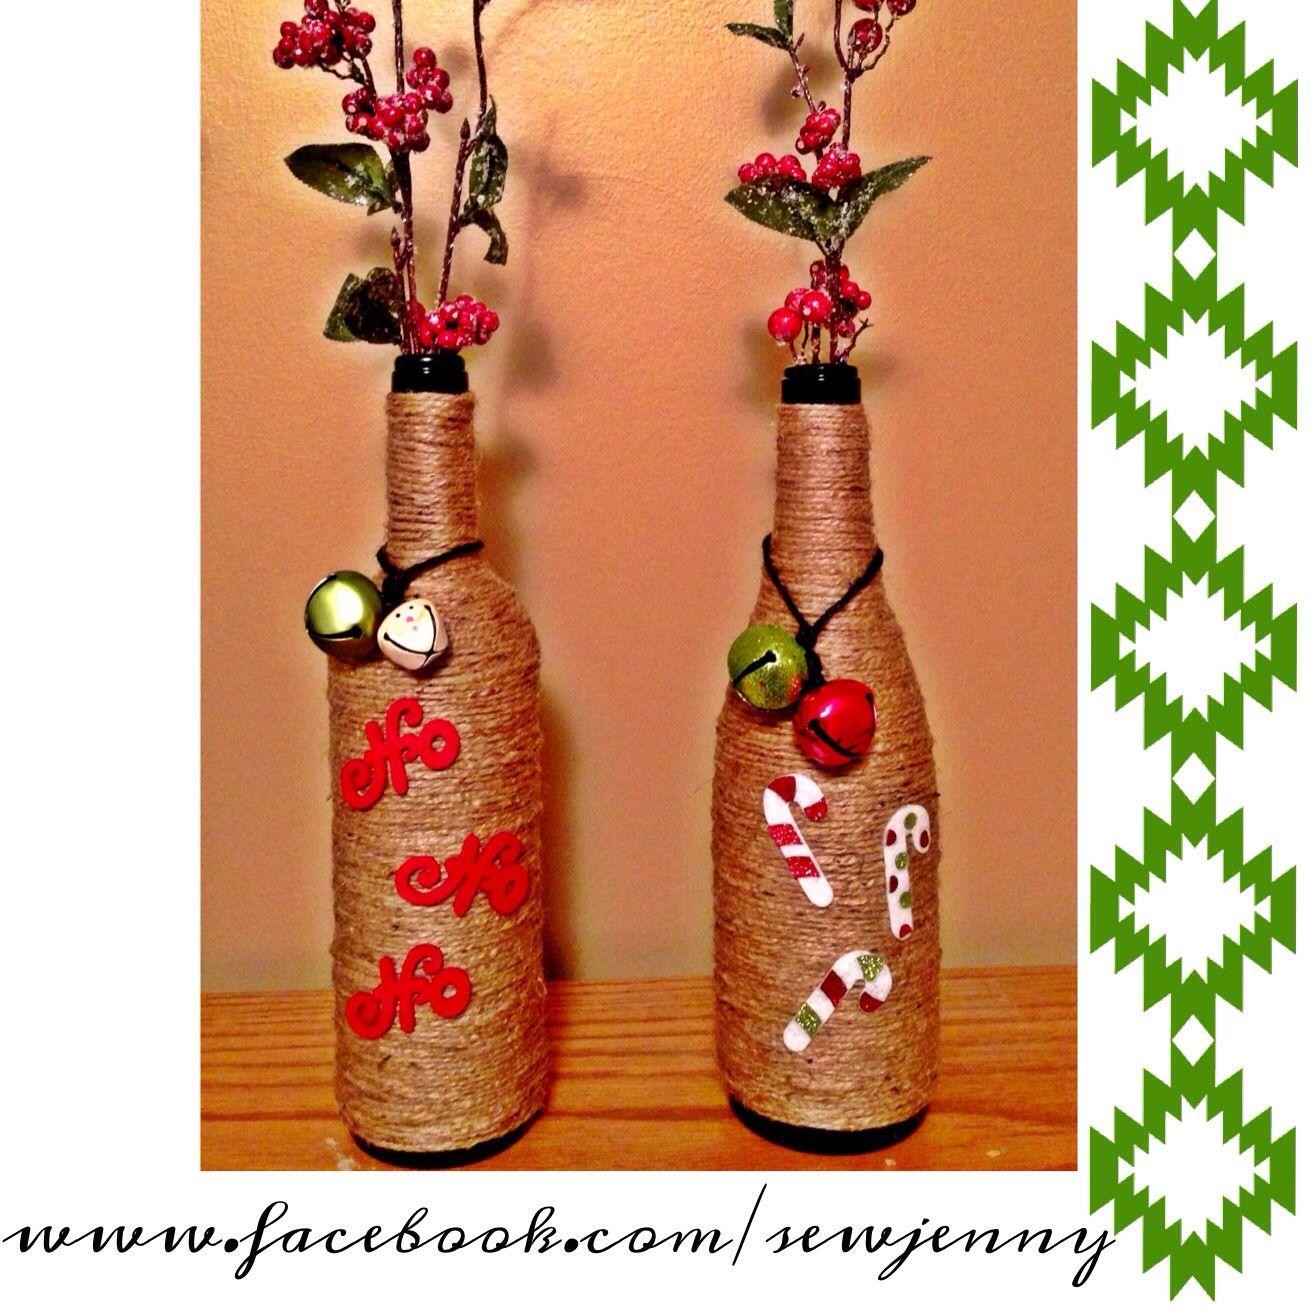 Christmas bottle decorations bottles pinterest for Christmas bottle decoration ideas